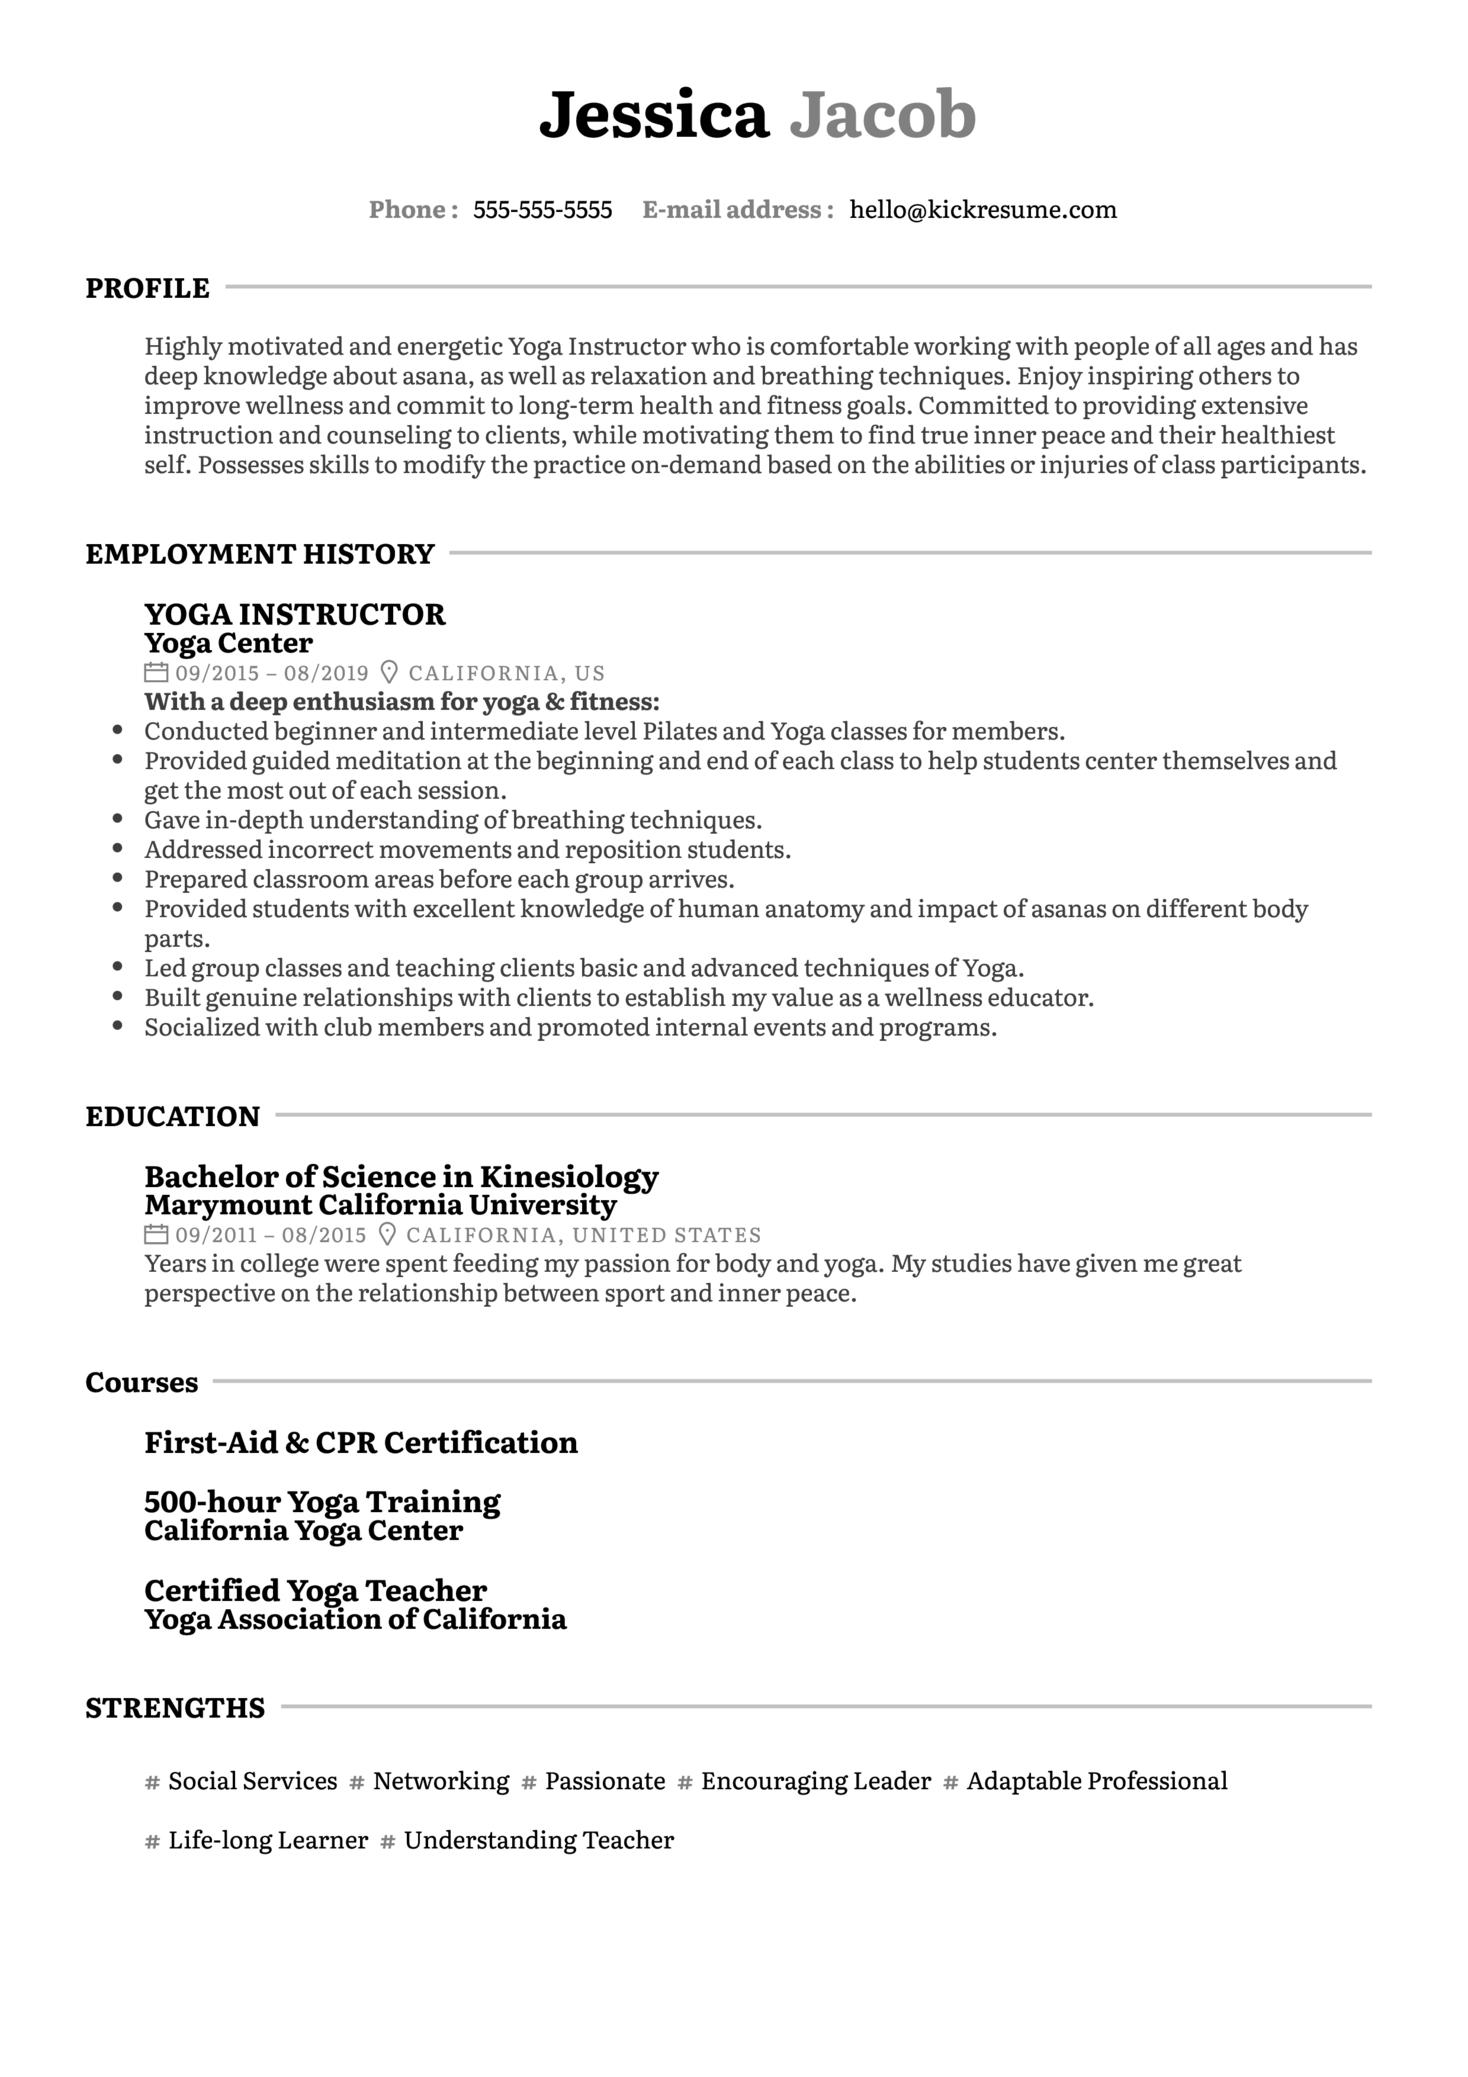 Yoga Instructor Resume Example (časť 1)